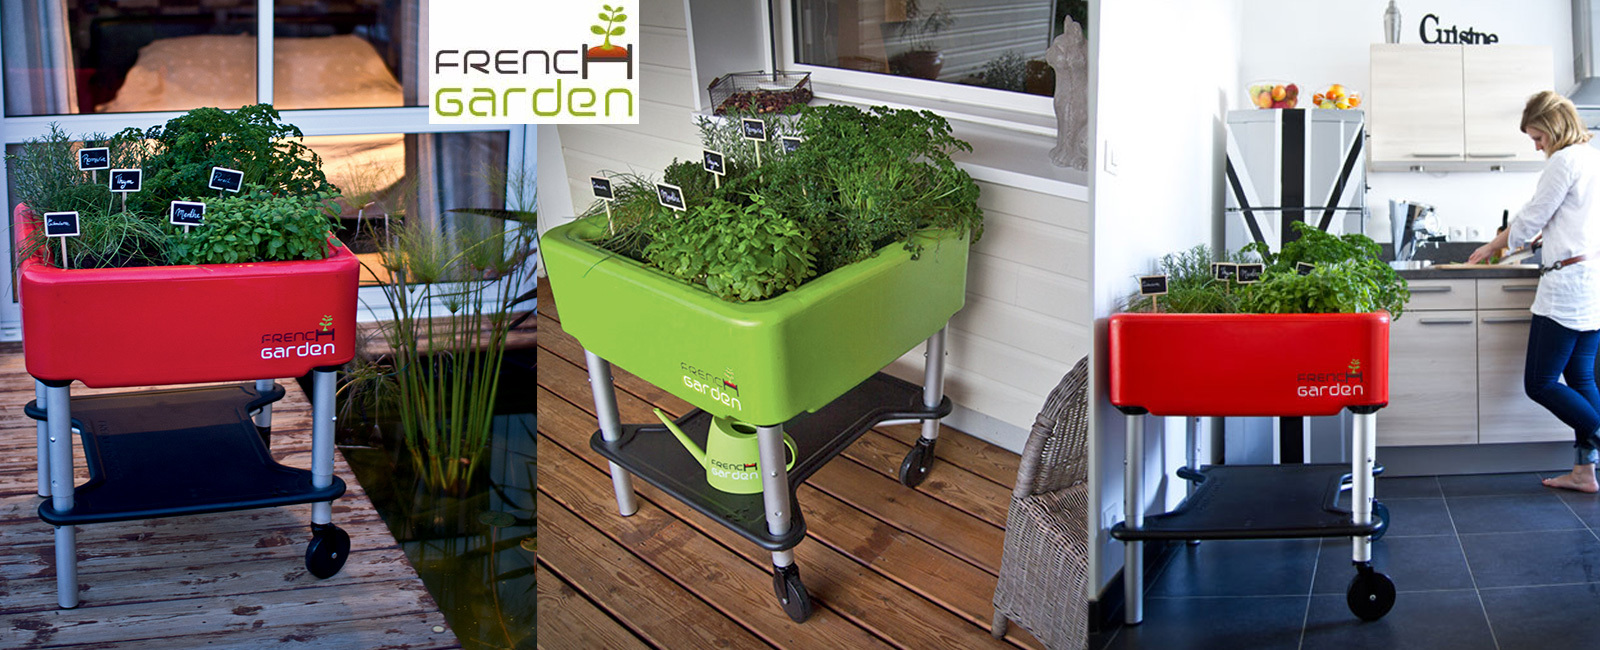 qoqa - french garden mobiler hochgarten premium edition, Garten und bauen